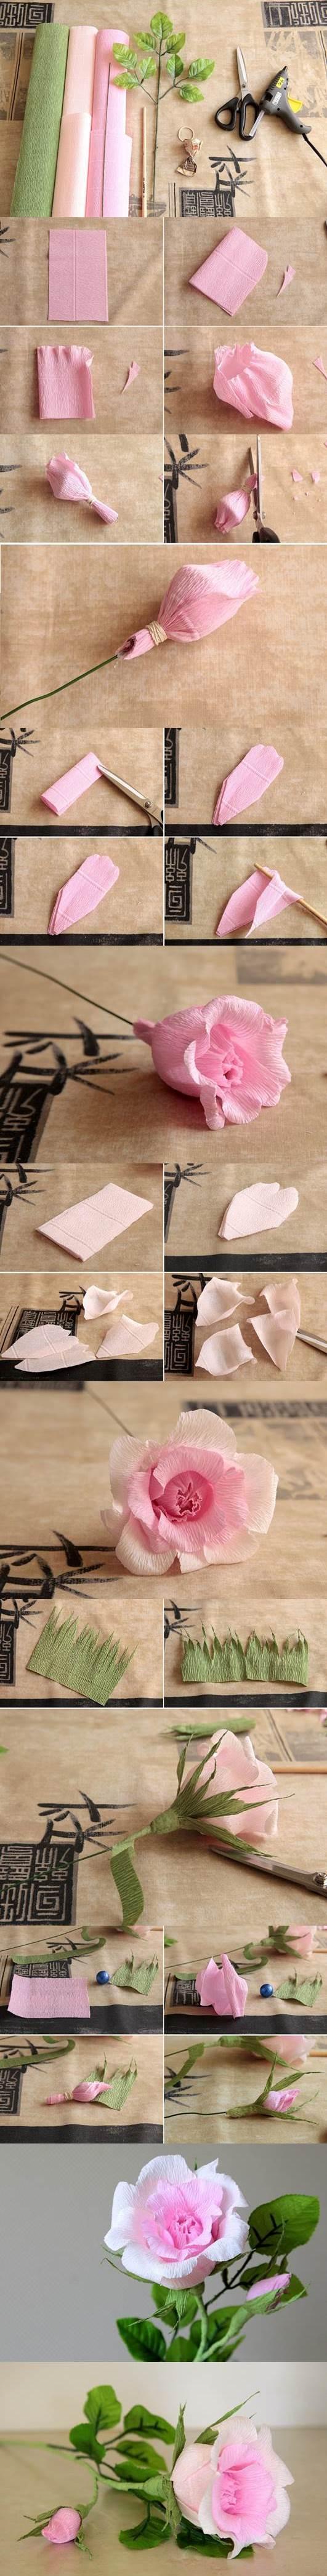 DIY-Beautiful-Pink-Crepe-Paper-Rose-1